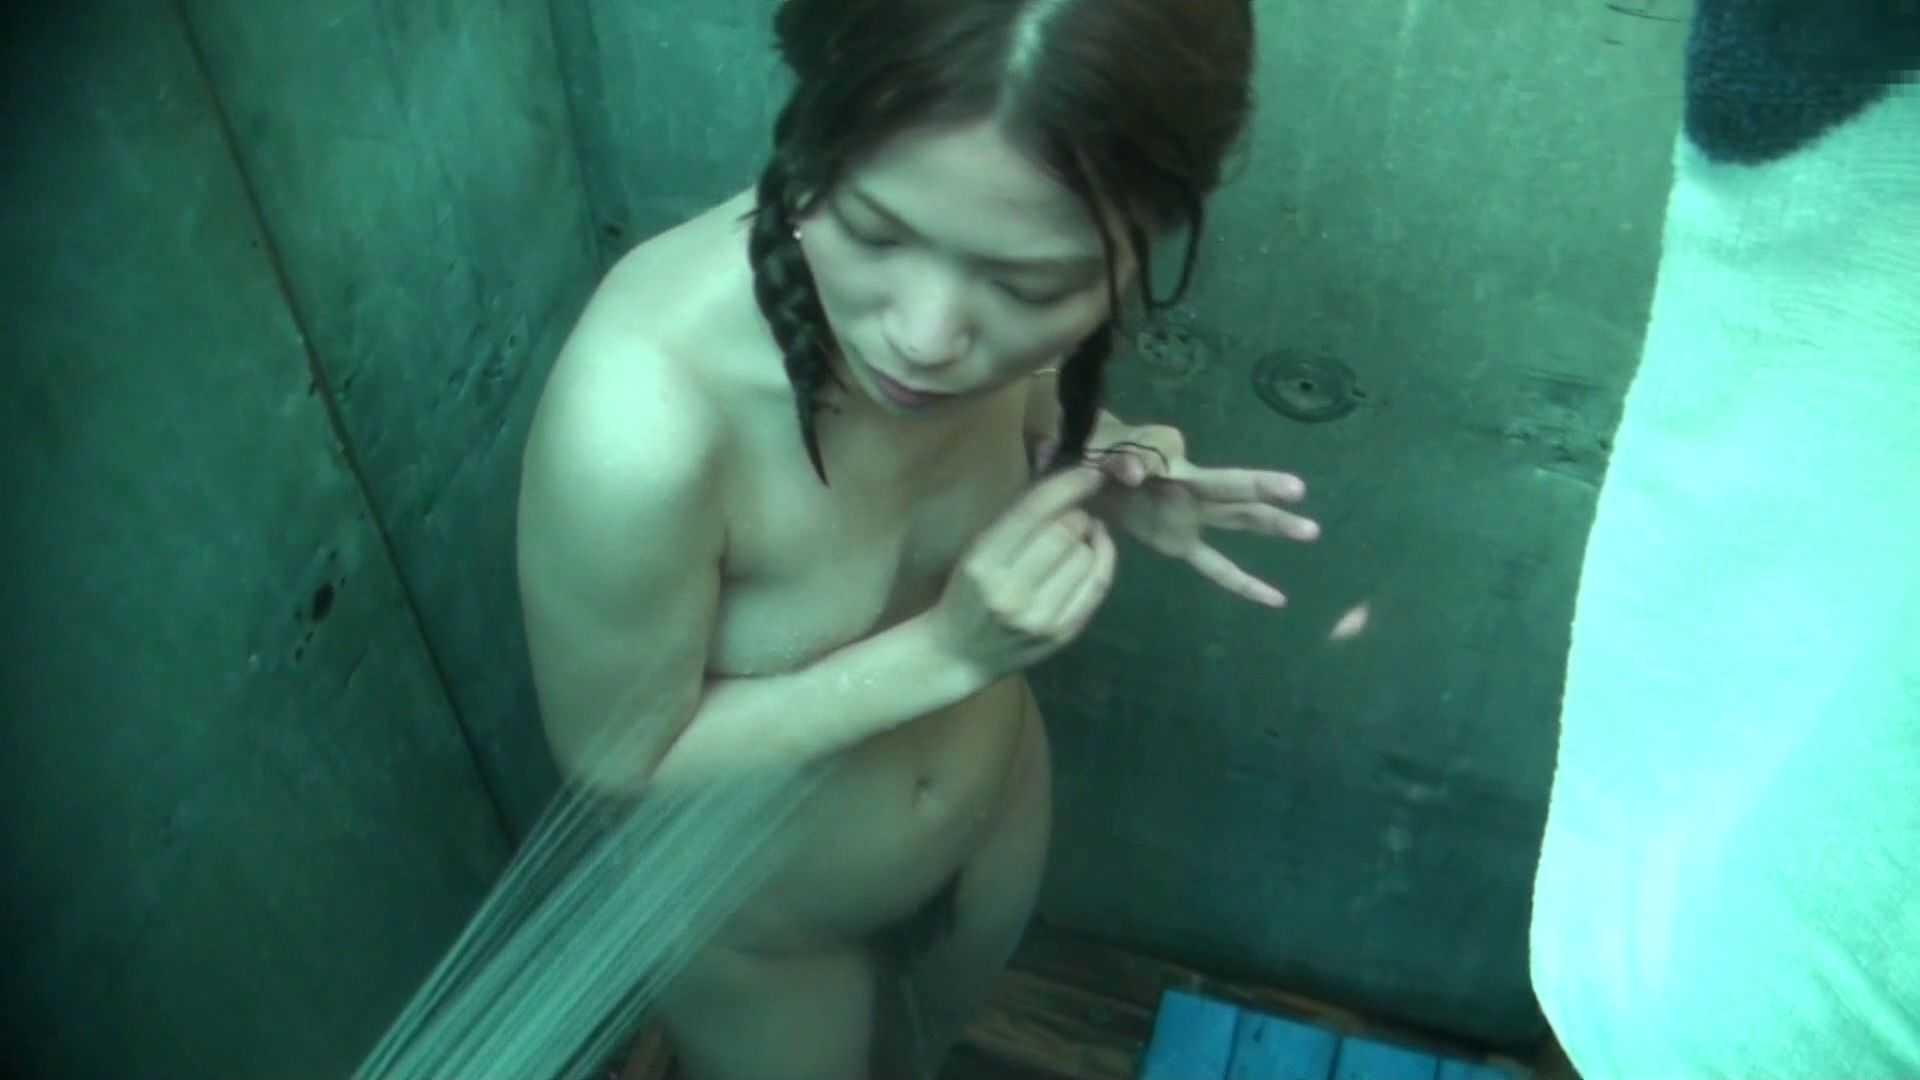 シャワールームは超!!危険な香りVol.12 女性のおまんこには予想外の砂が混入しているようです。 おまんこ  101pic 60